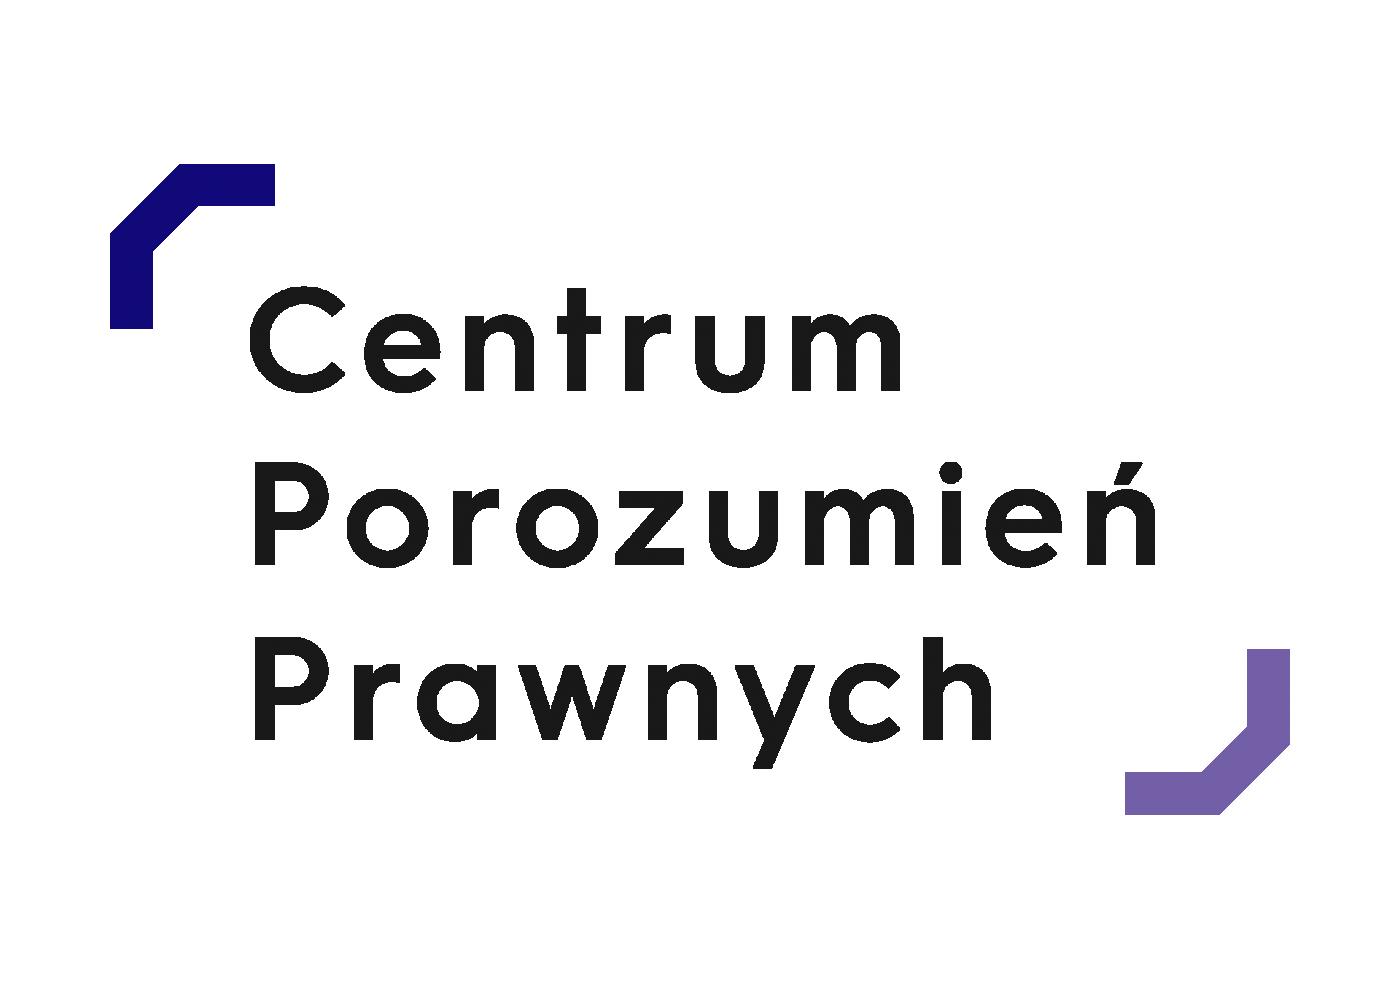 Centrum Porozumień Prawnych